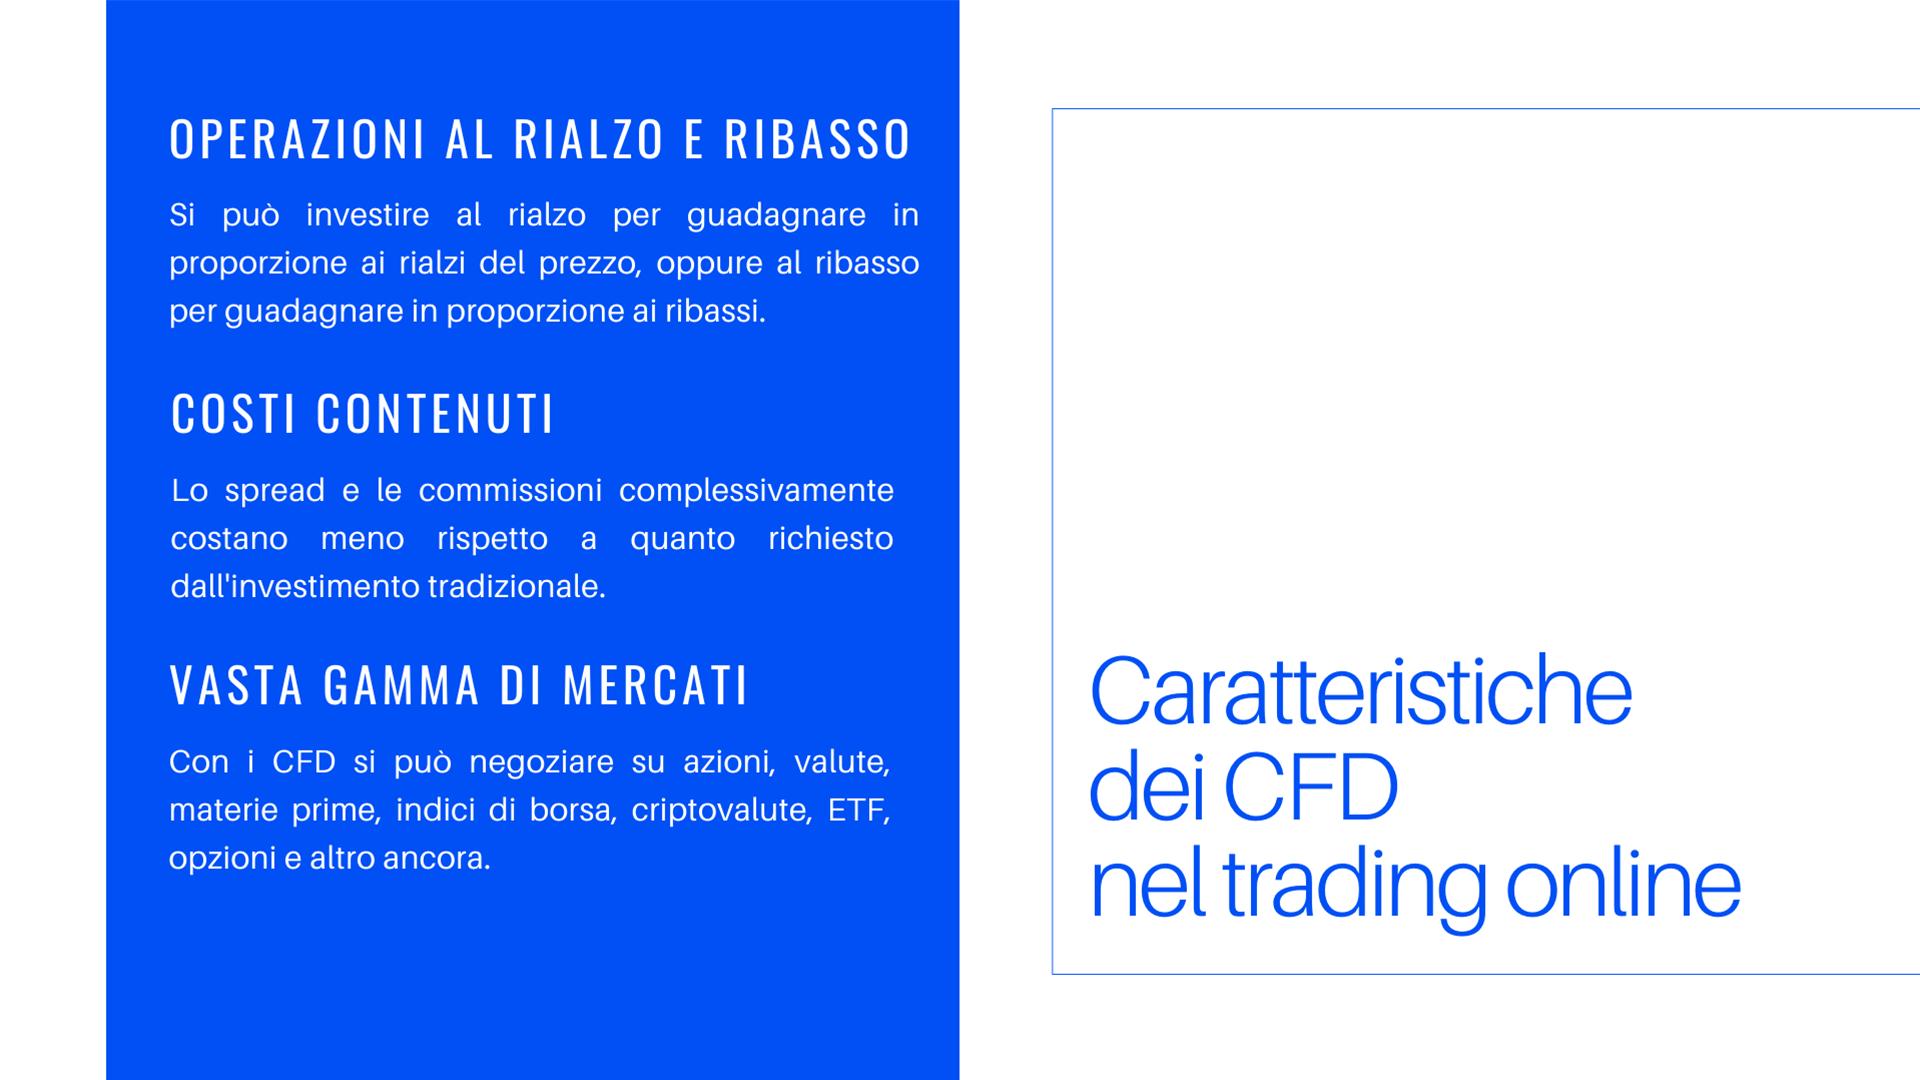 Quali sono le caratteristiche dei CFD nel trading online